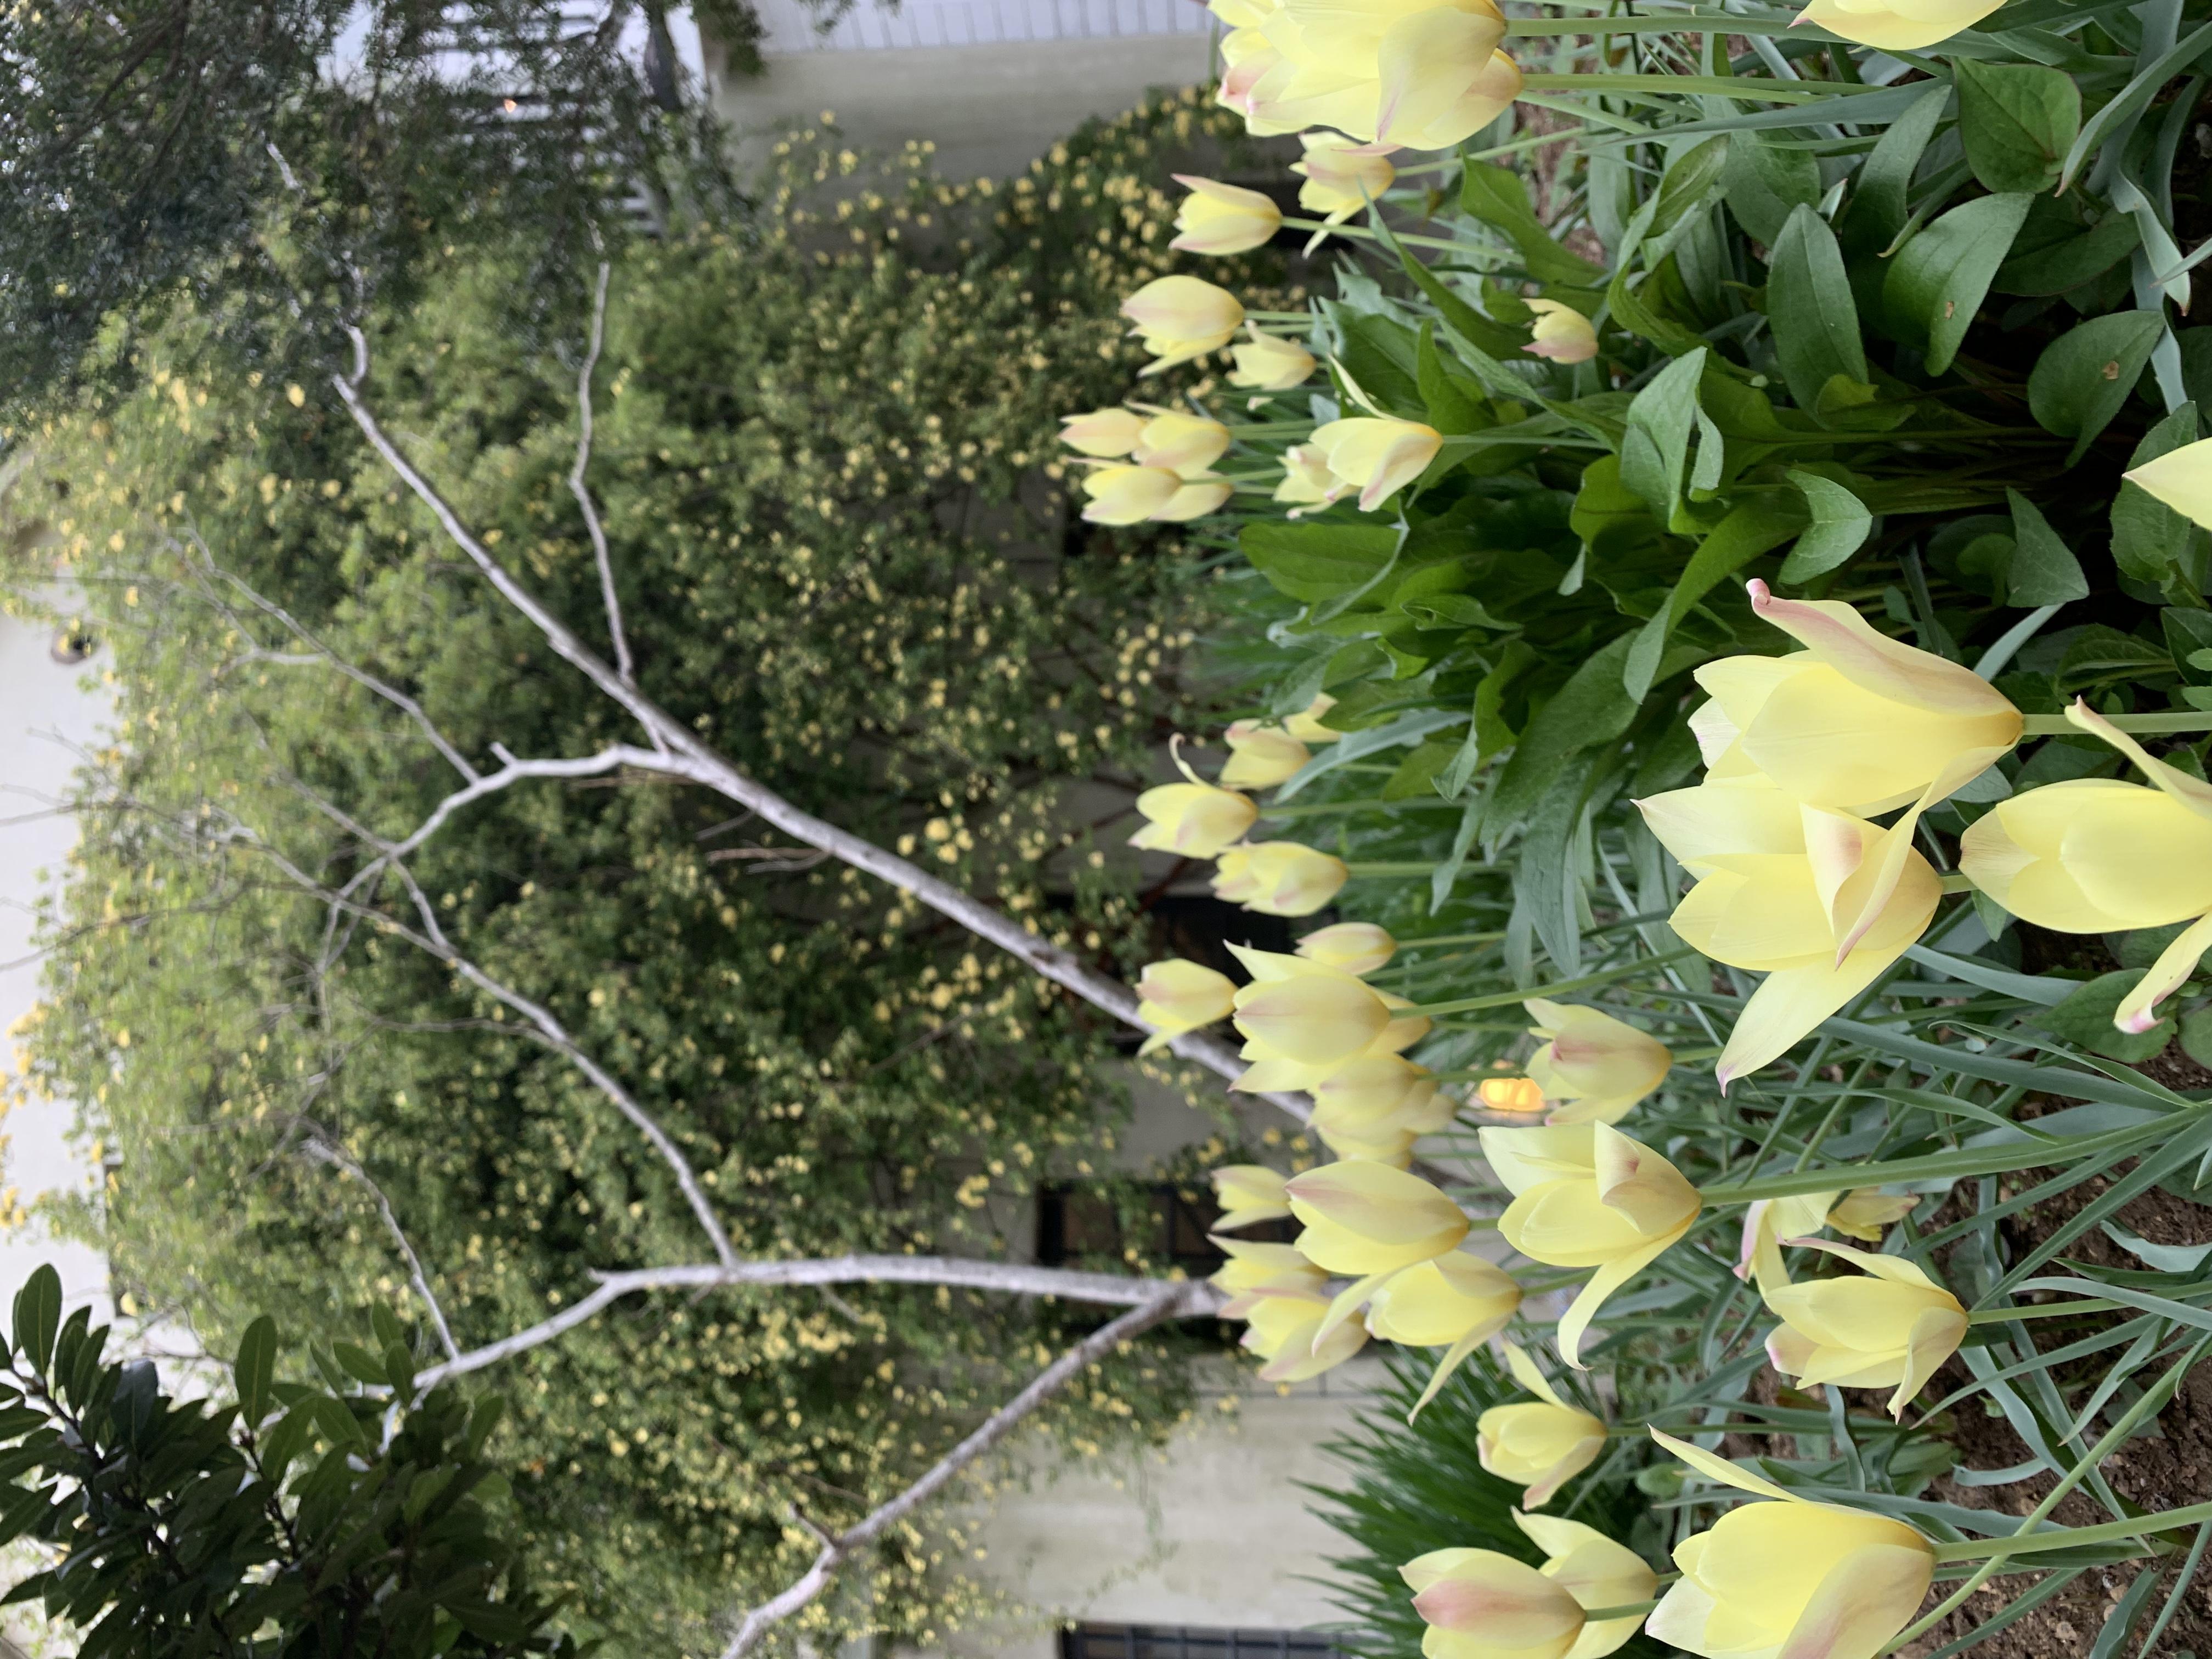 本日のブログは 【 貝殻亭リゾート&ガーデン春の園遊会!】です。